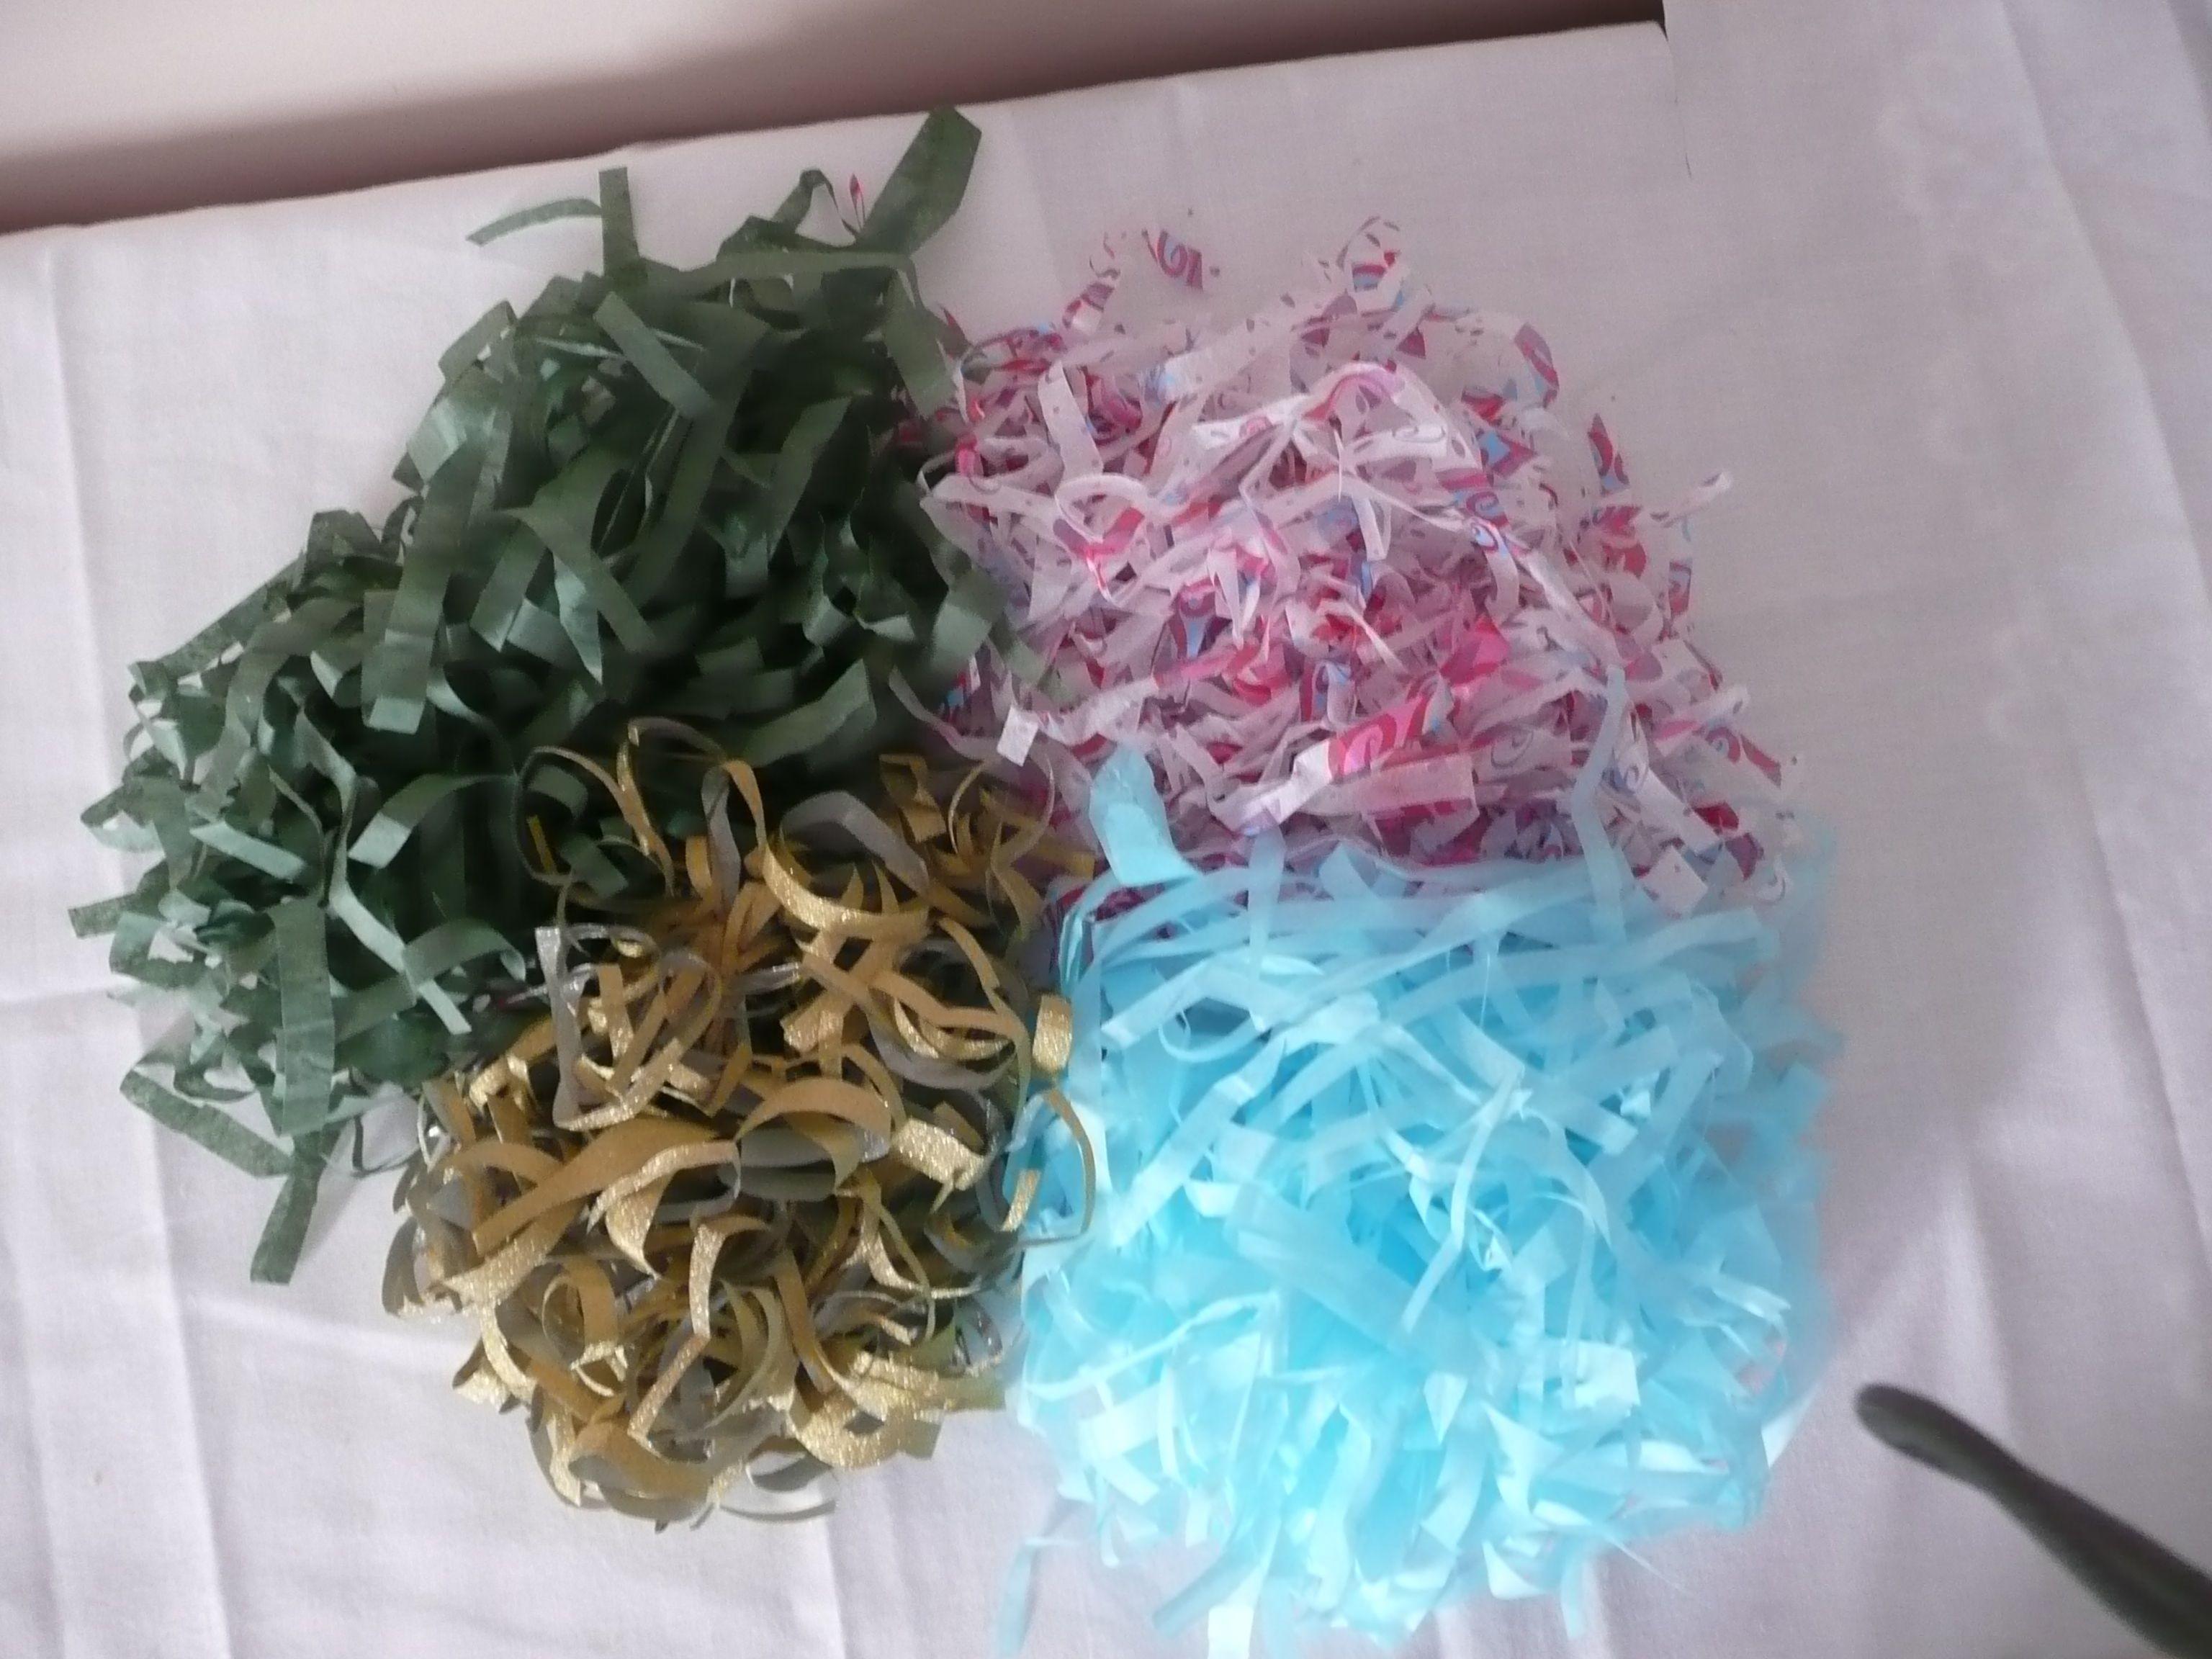 Making shredded tissue paper as gift basket fillers run